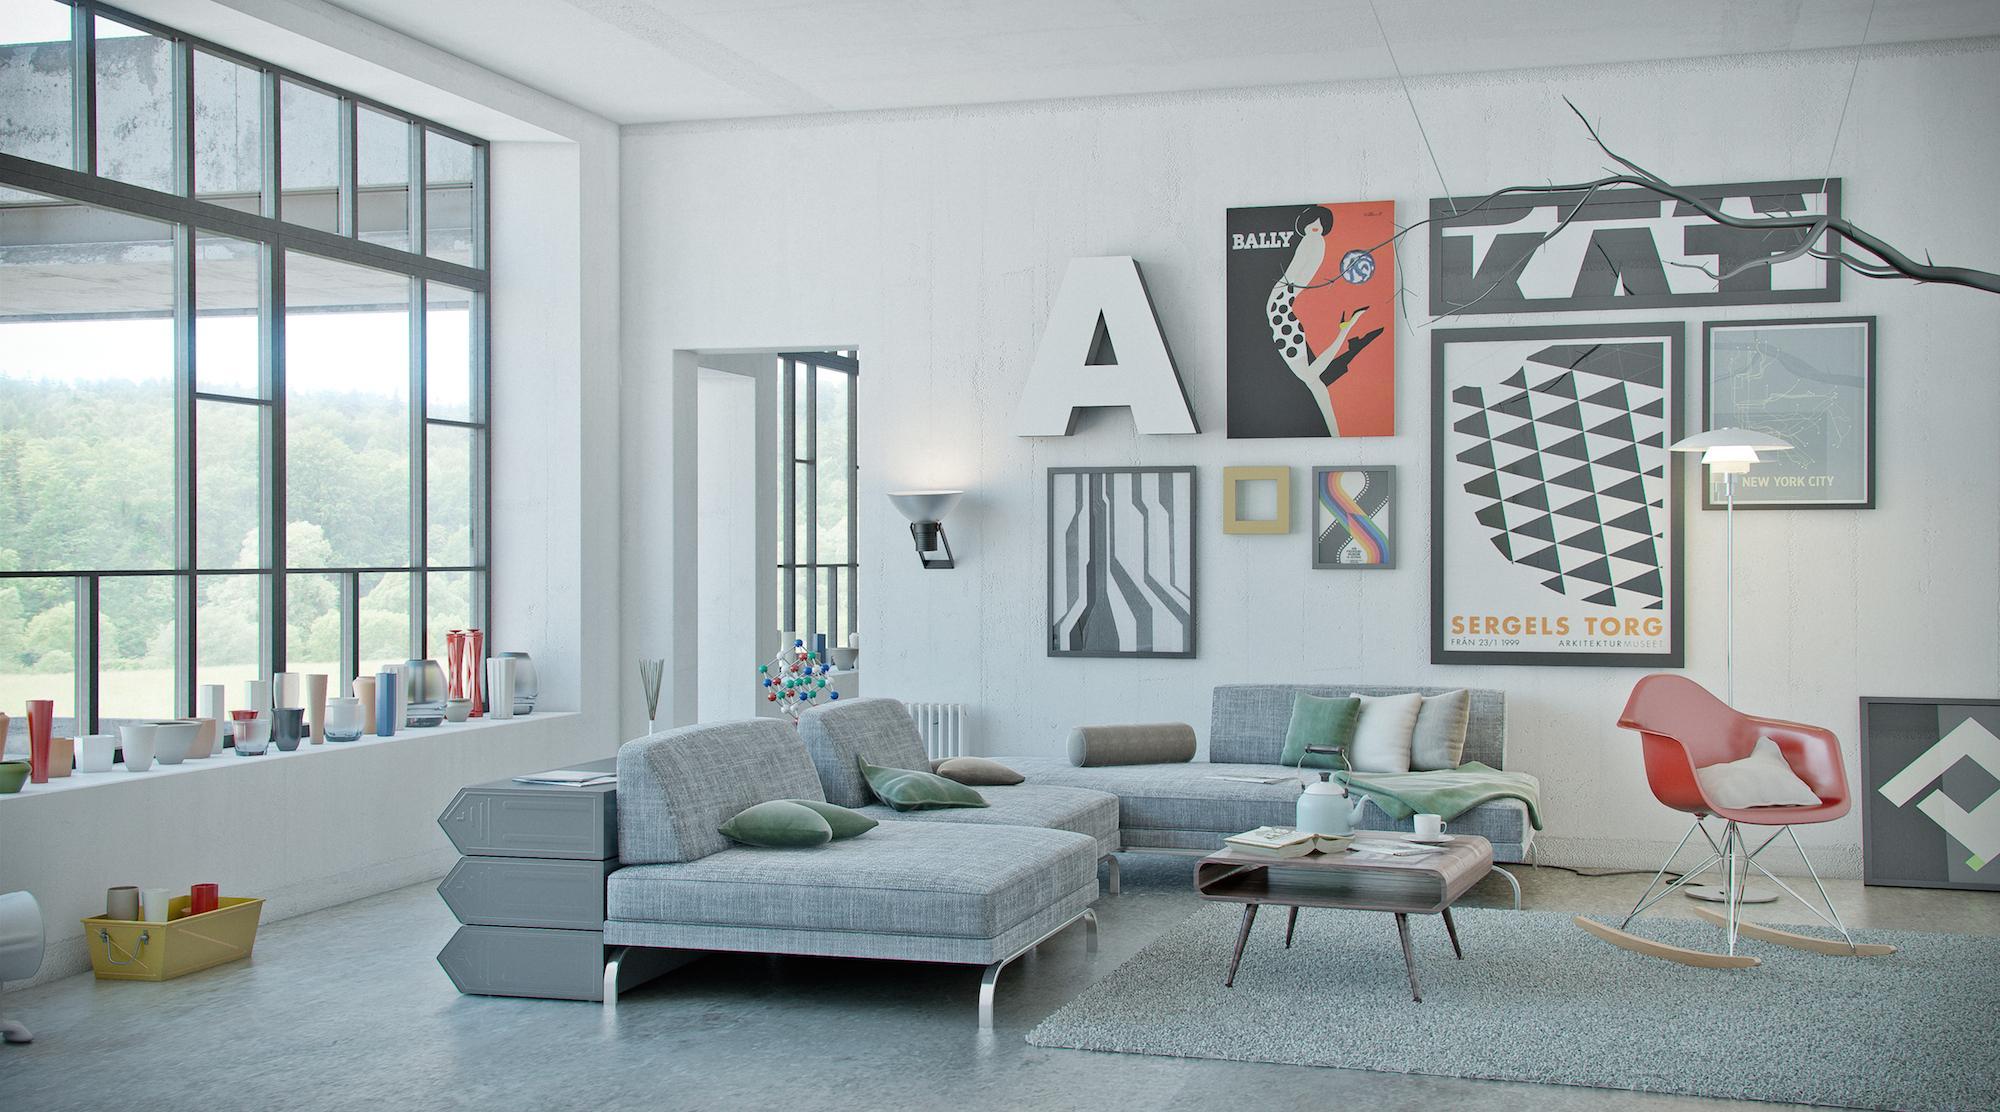 Loftstyle #couchtisch #wohnzimmer #loft #schaukelstuhl #wandbild  #wohnlandschaft ©www.